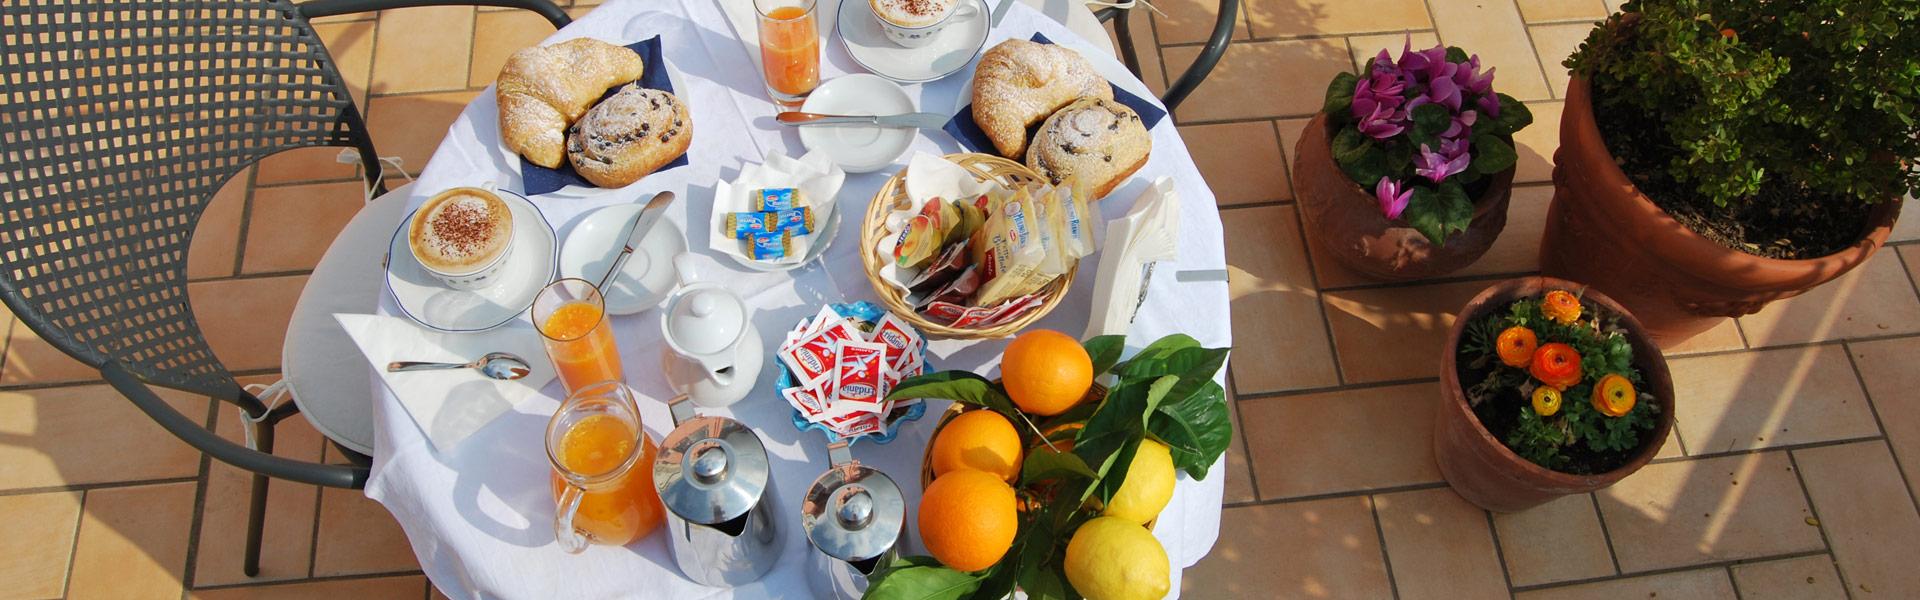 colazione-in-terrazzo